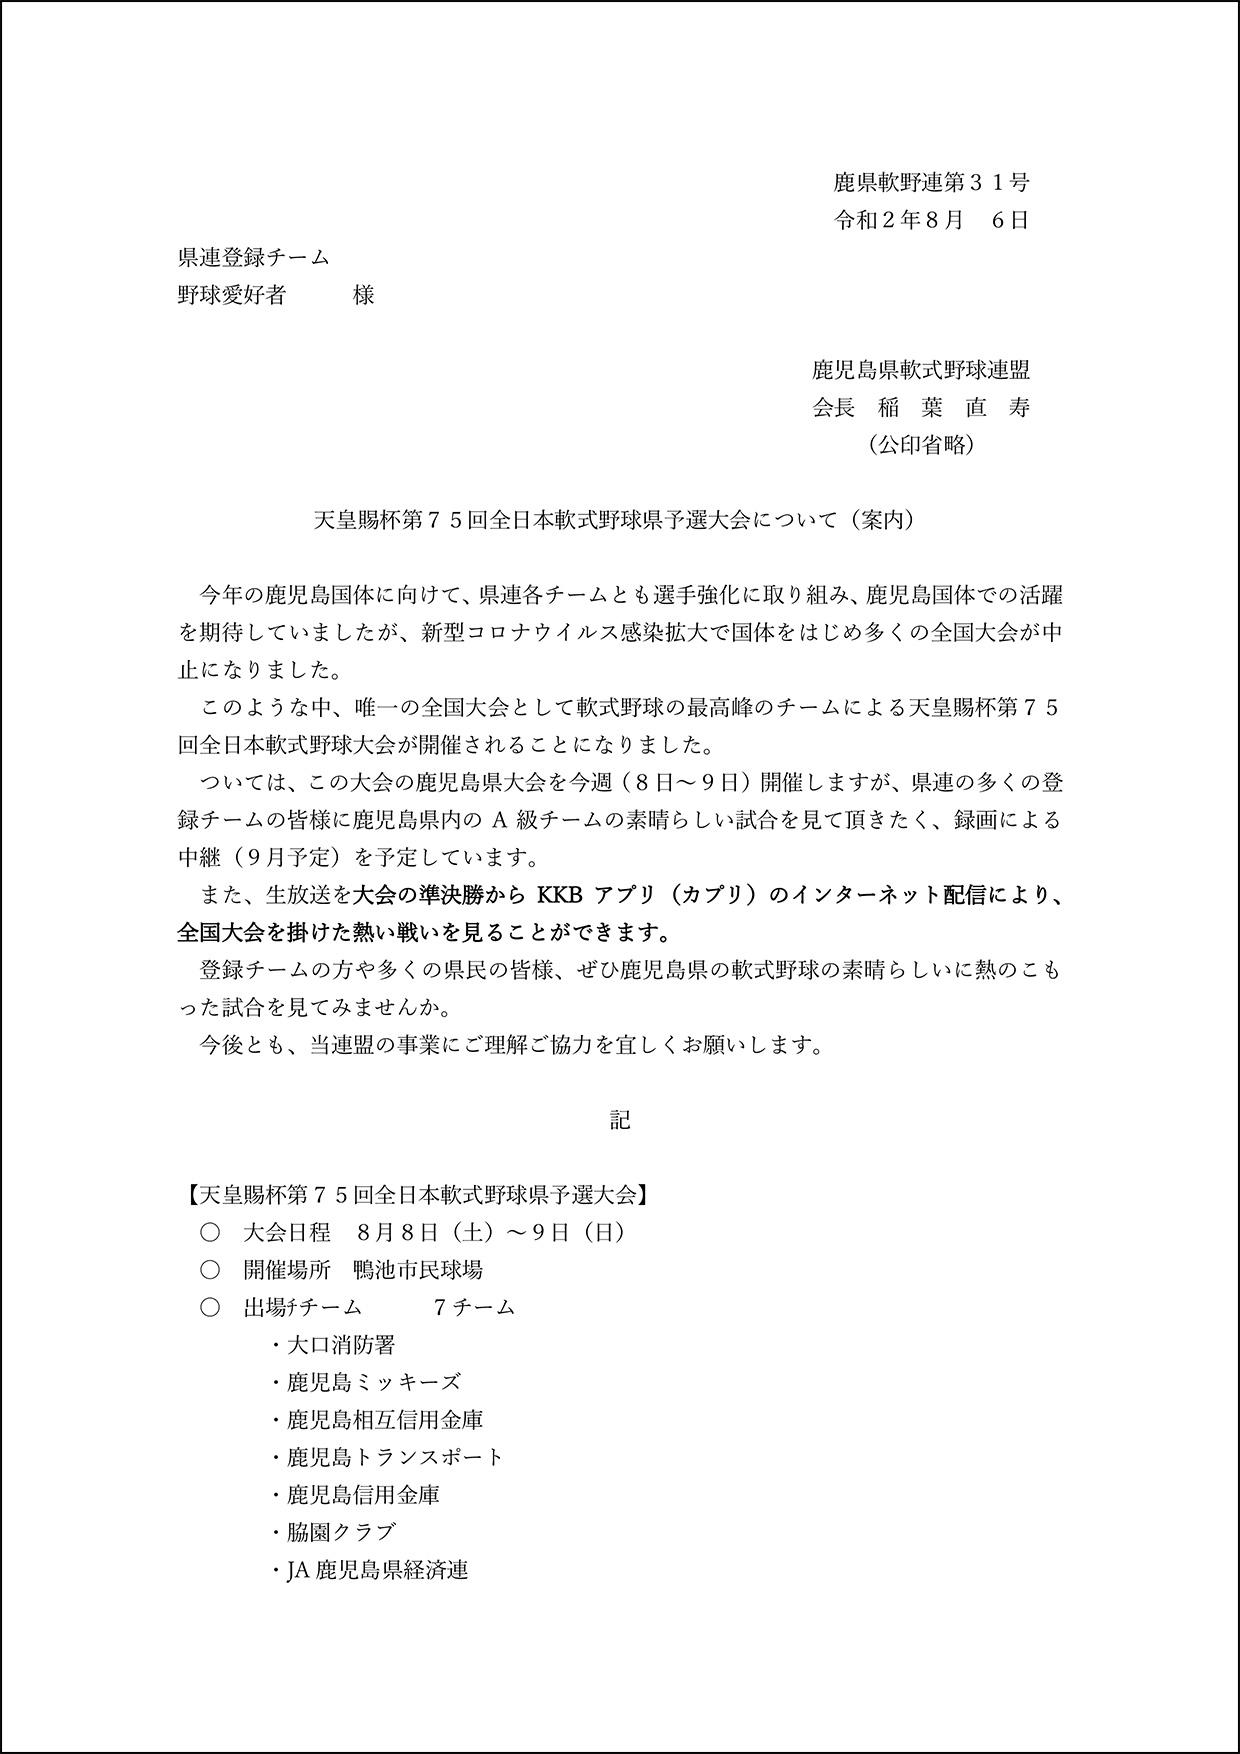 天皇賜杯第75回全日本軟式野球県大会について